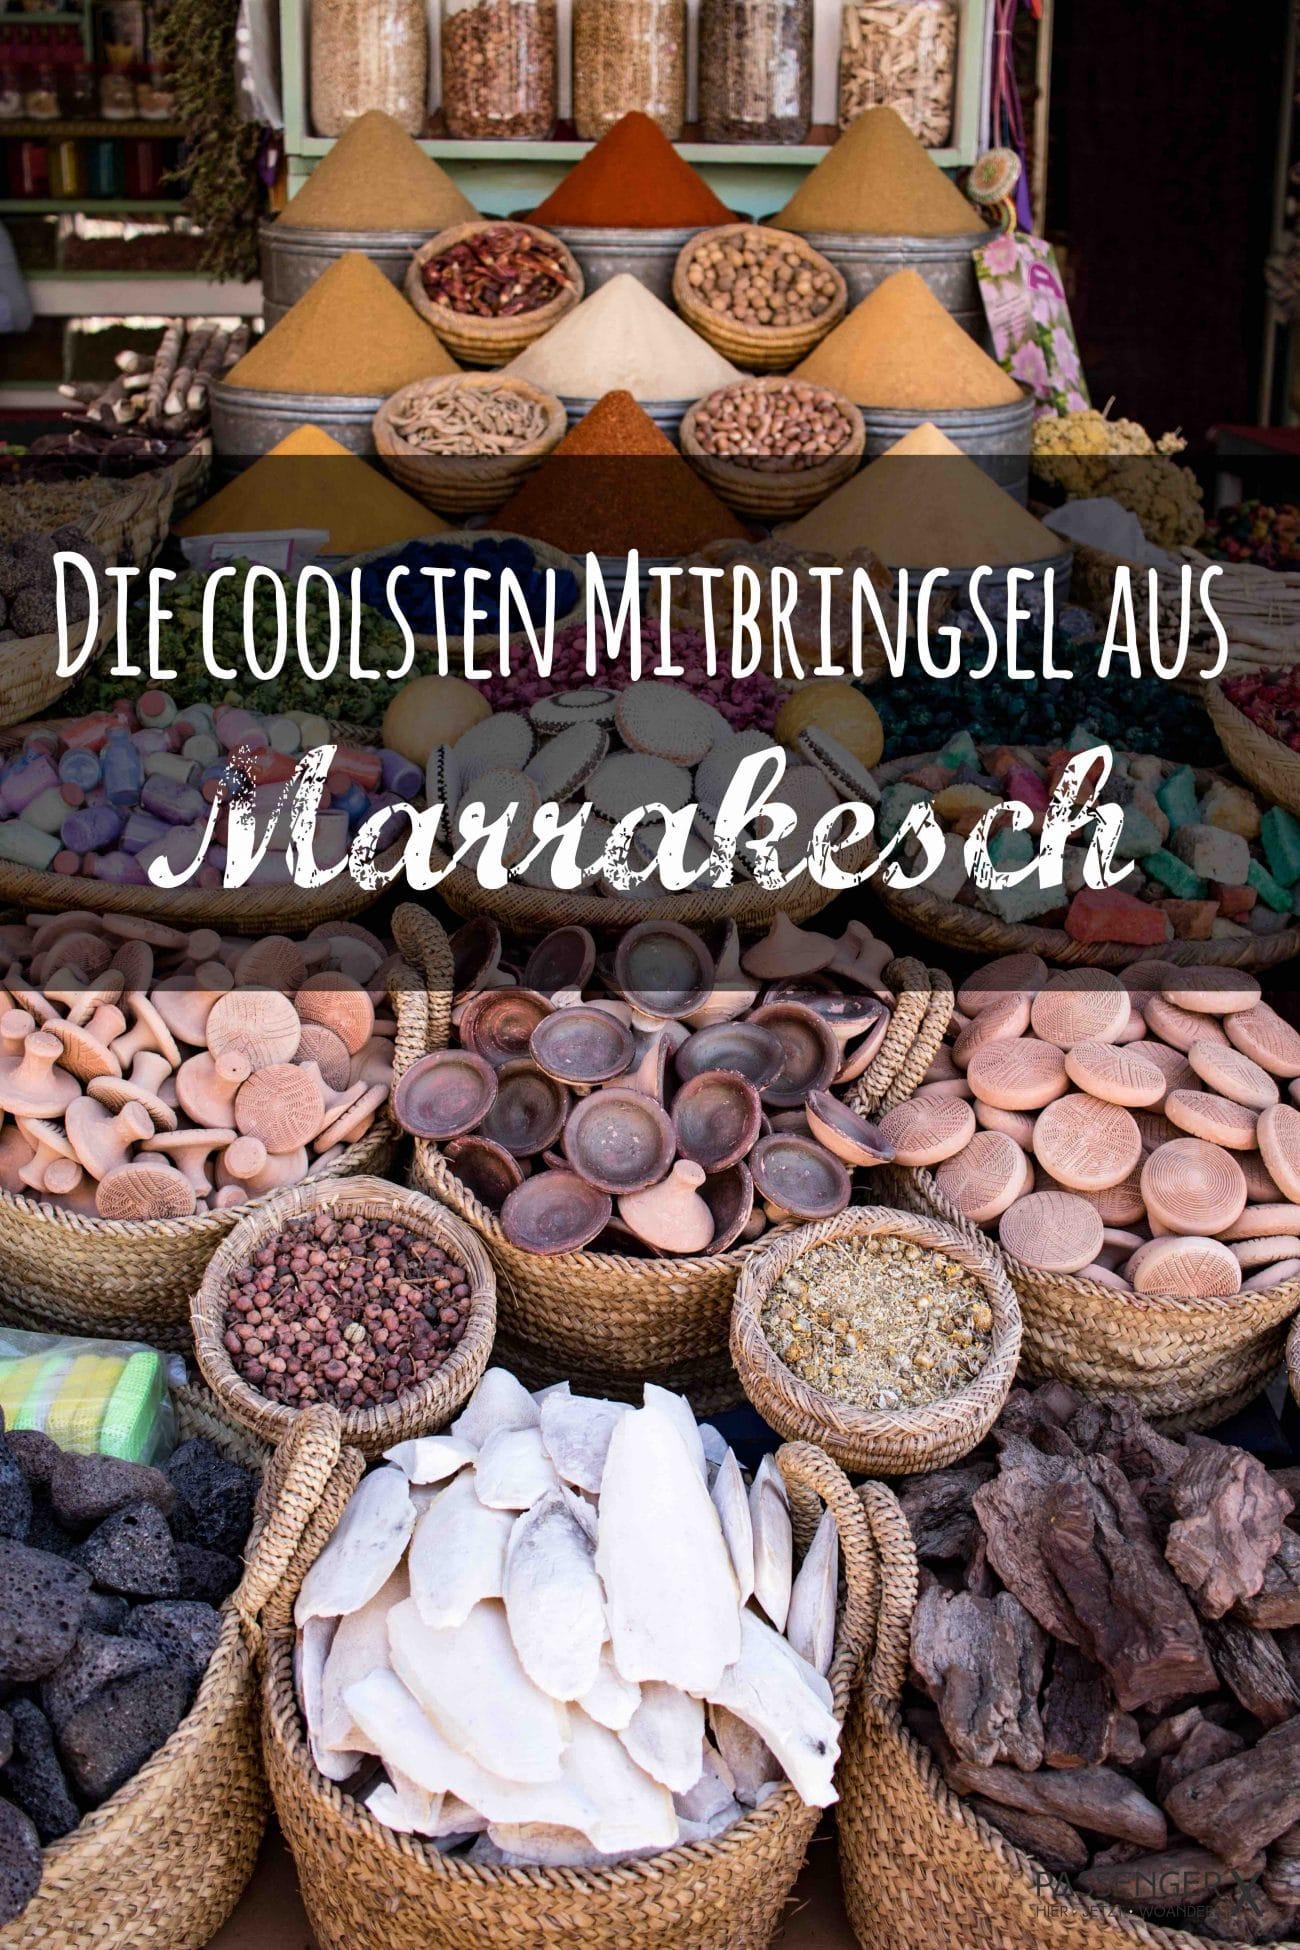 Die coolsten Mitbringsel aus Marrakesch _ Tipps von PASSENGER X